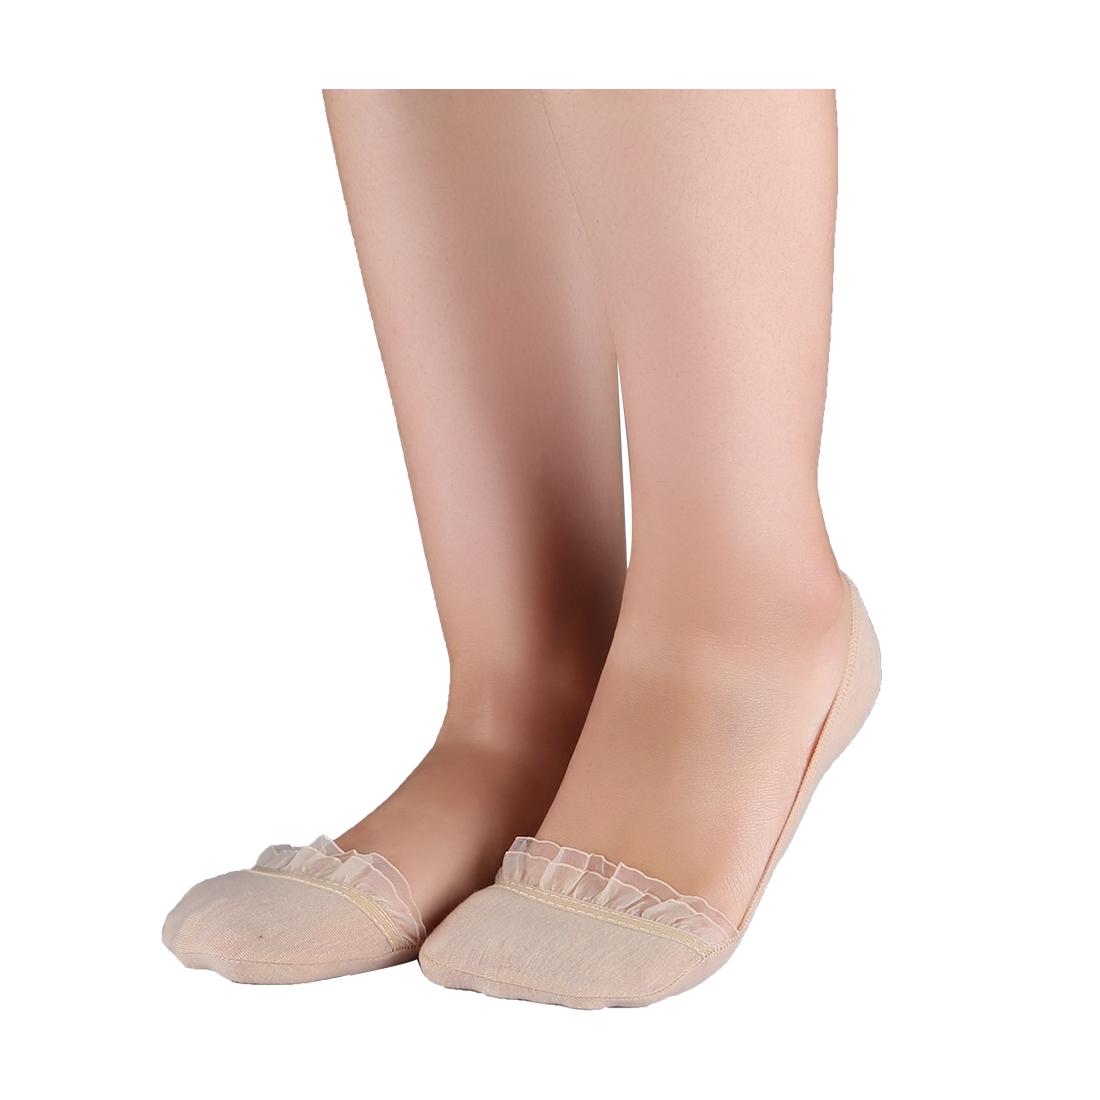 Women 10 pair Floral Lace Decor Low Cut Boat Socks 10-12 Beige